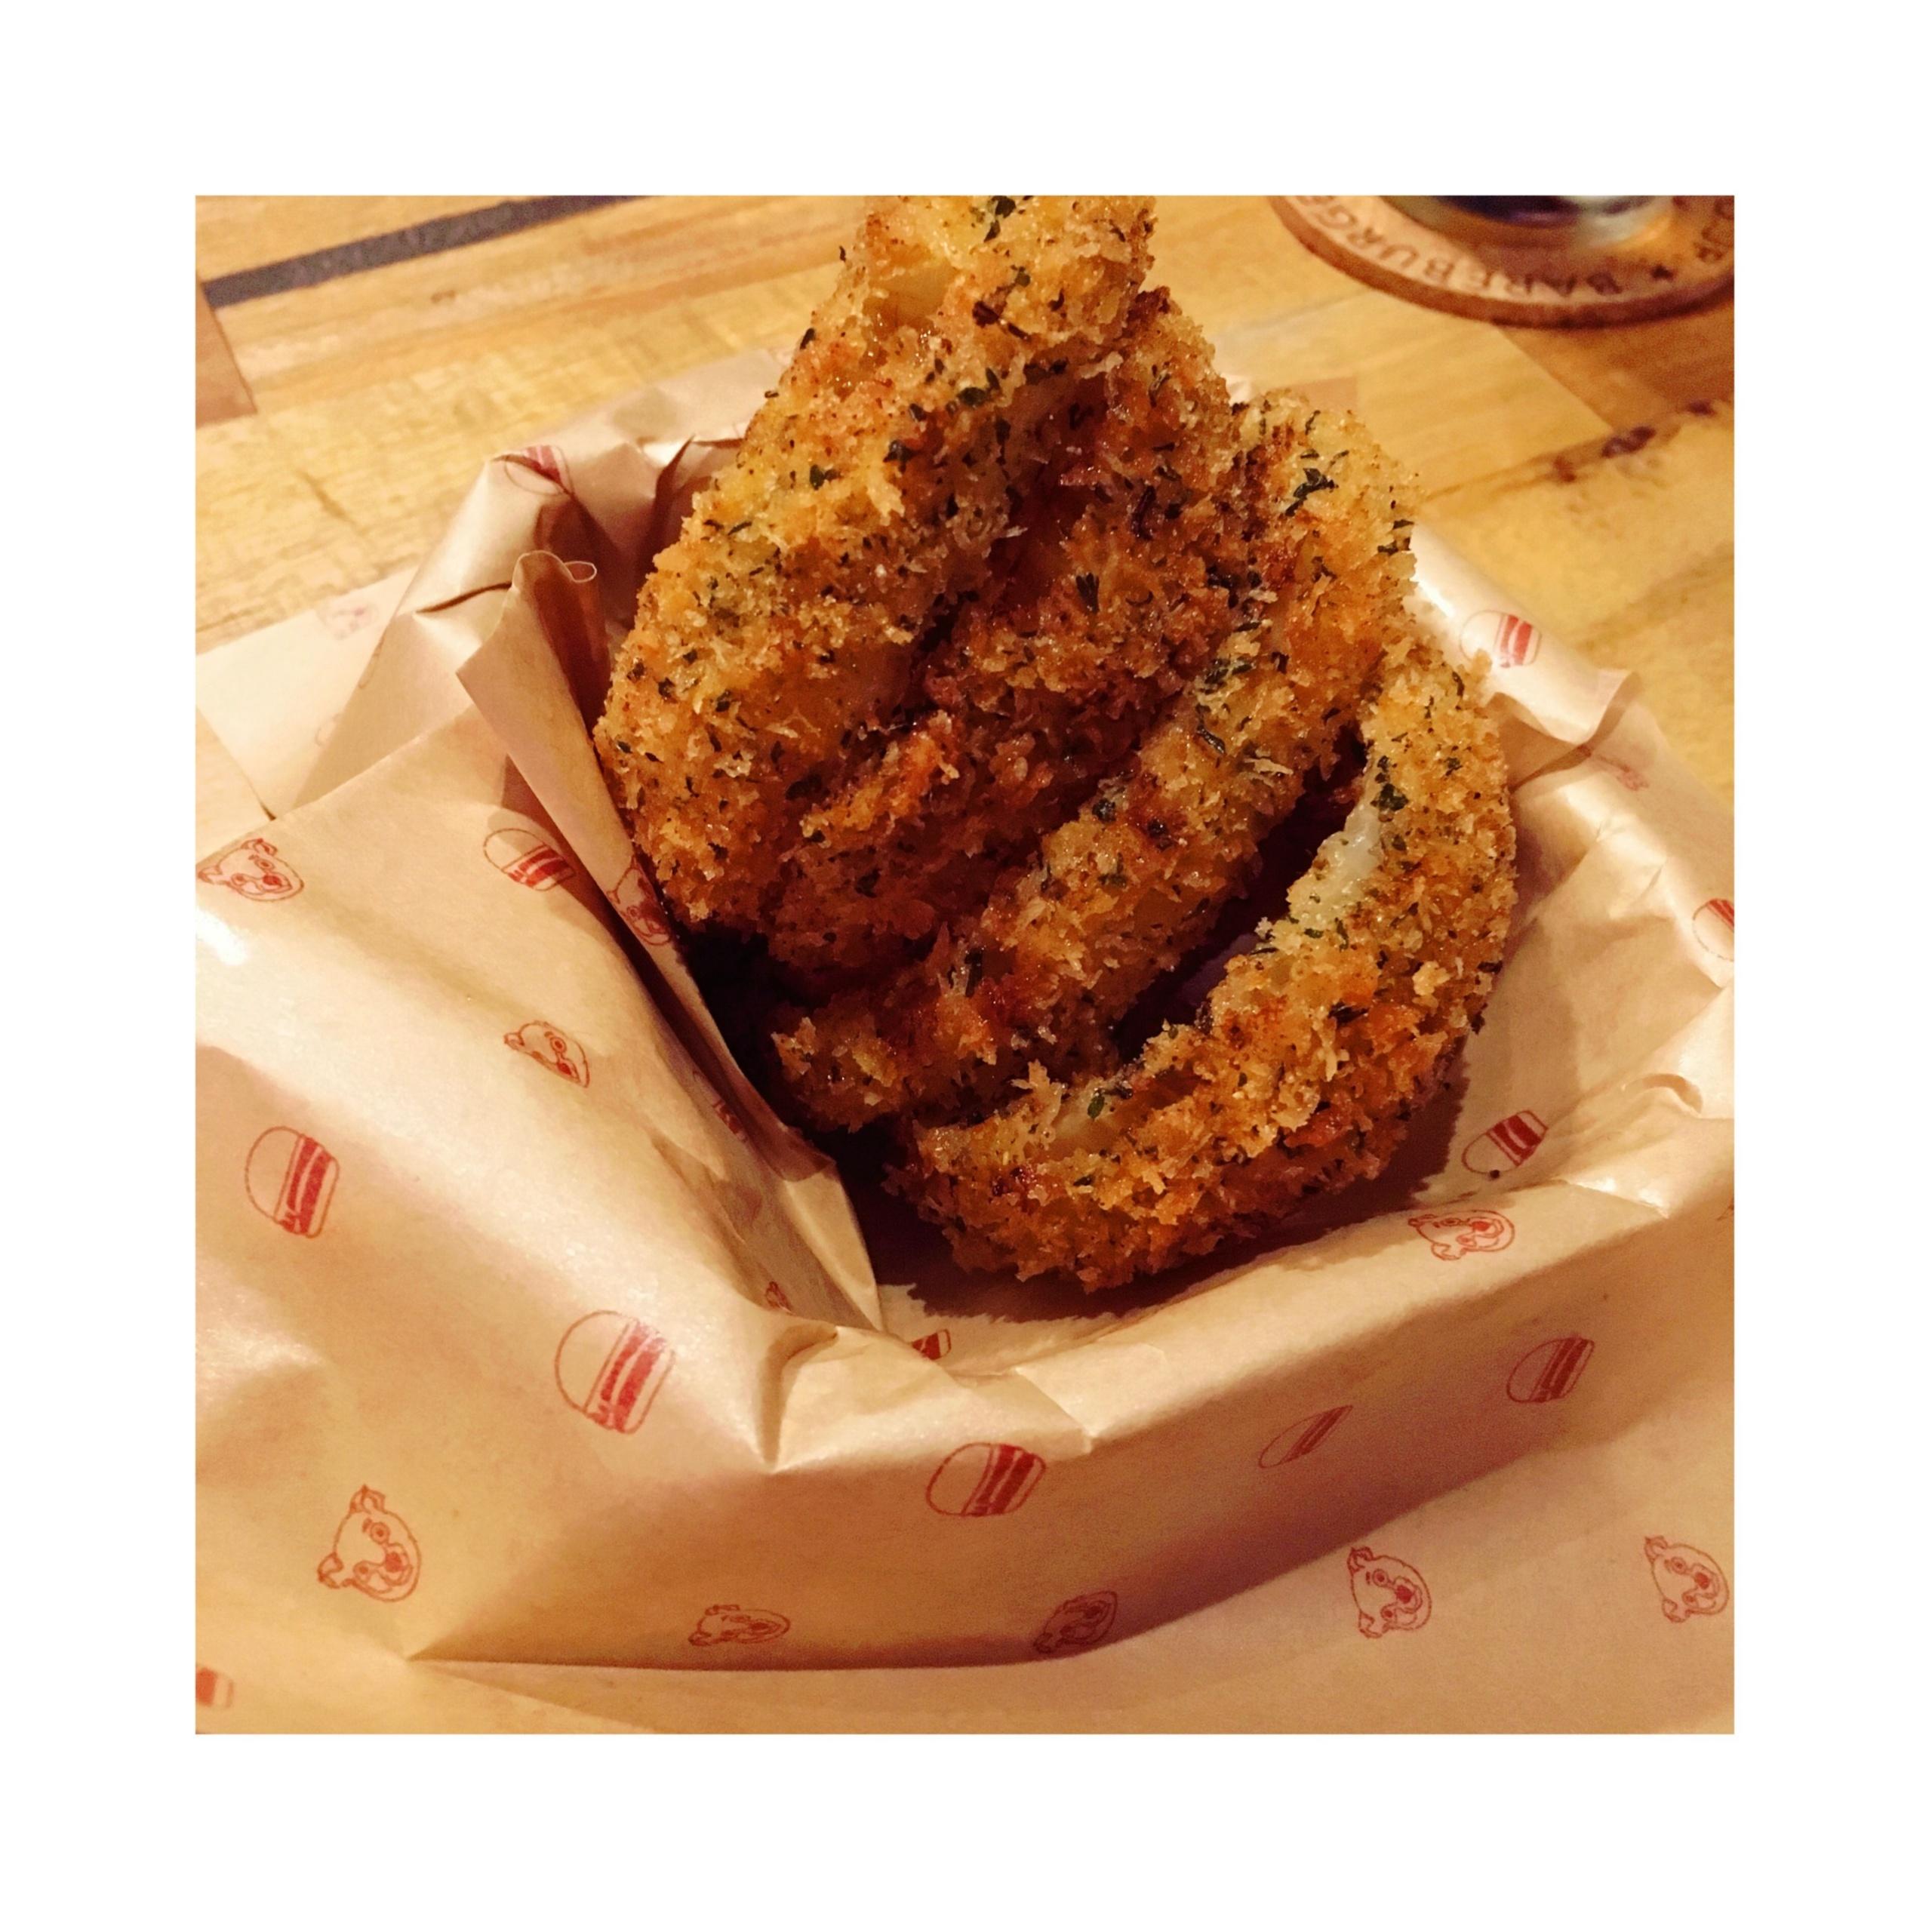 《ご当地MORE★東京》銀座でハンバーガーを食べるならココ!N.Y.発オーガニックの人気店【Bareburger】がおすすめです❤️_3